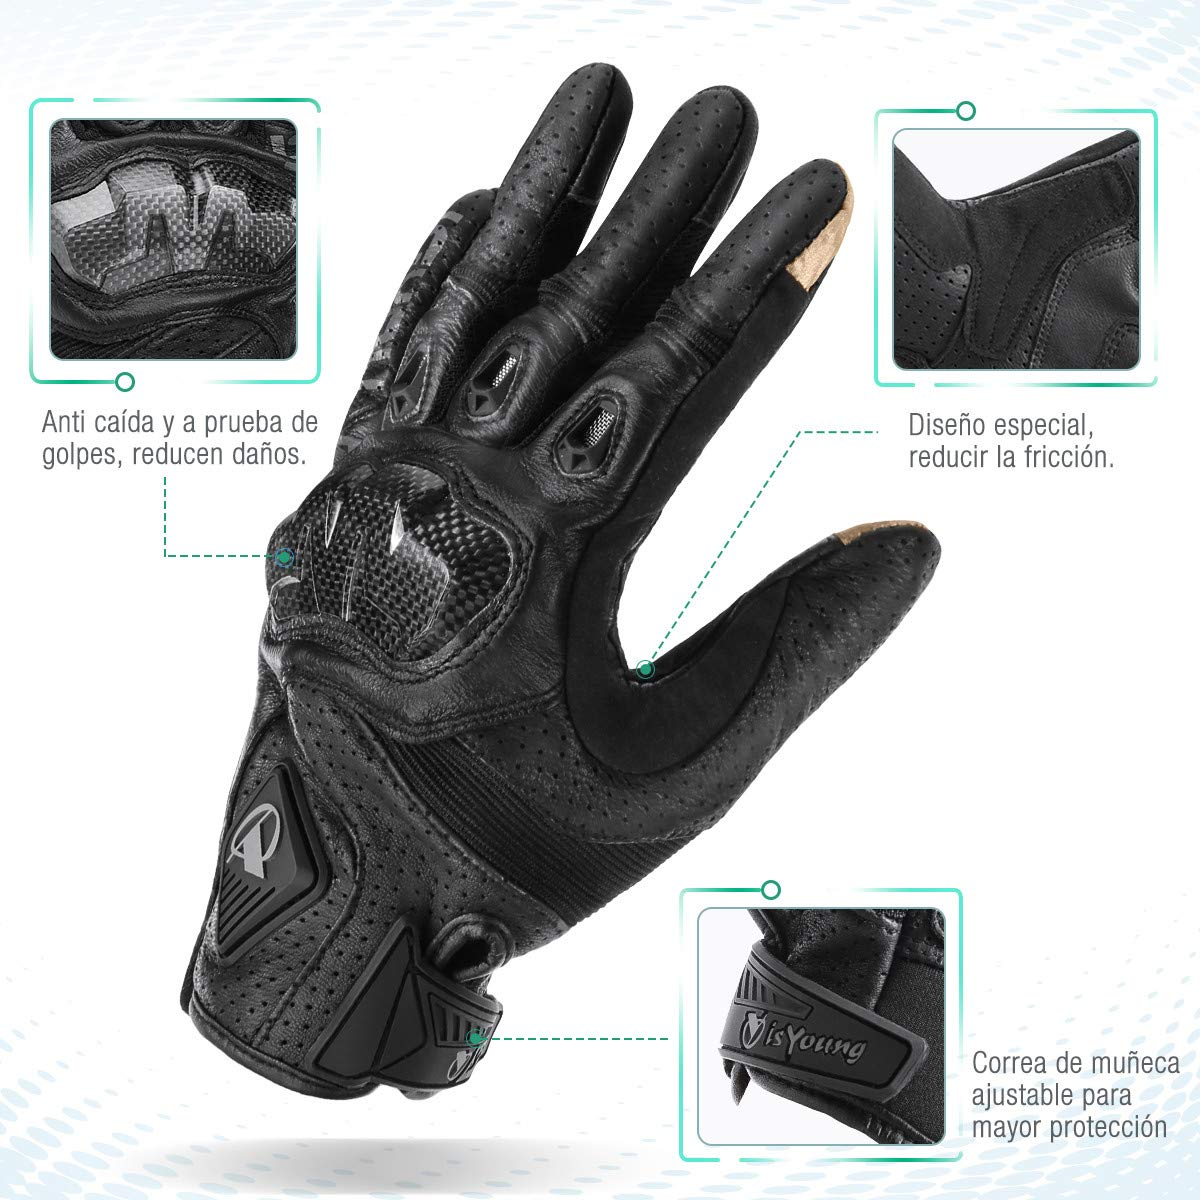 isYoung Guantes de Ciclismo Guantes para Bicicleta de Pantalla Táctil para Mujer y Hombre Ajustable Invierno y Verano para Moto Conducción Ciclismo Alpinismo Deportivos Camping Trabajo (XL/Negro)